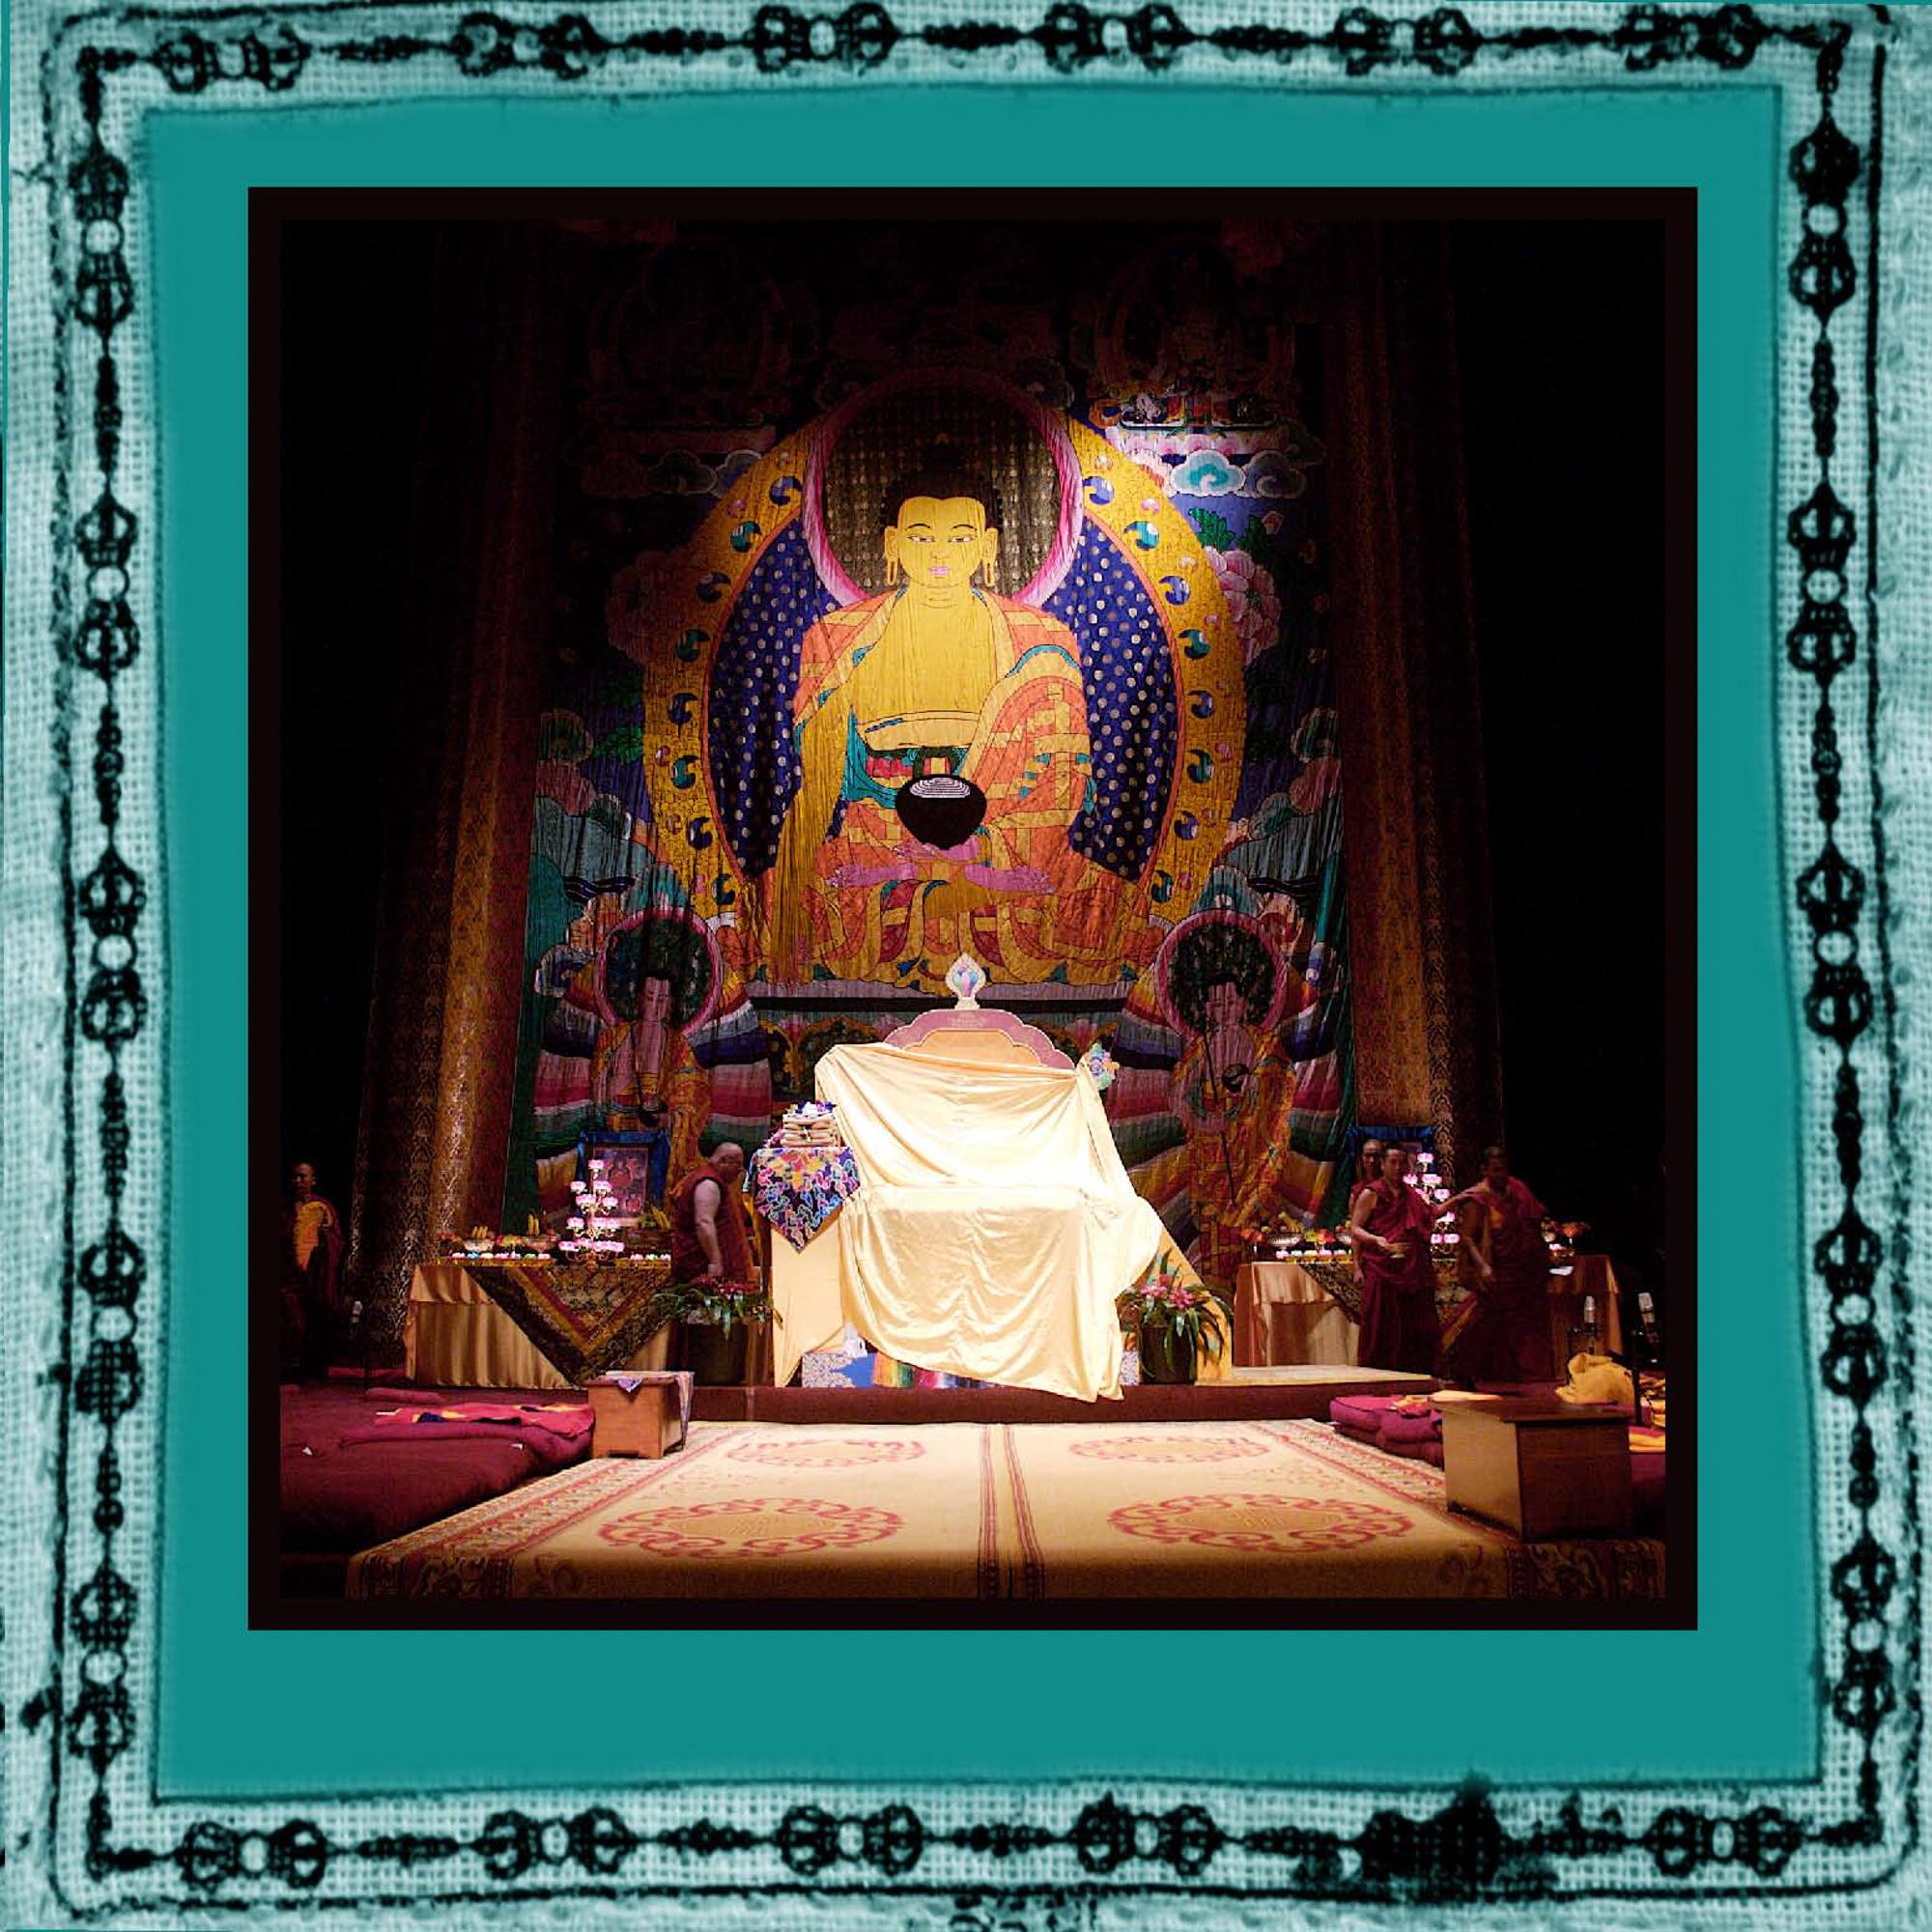 elizabeth-fenwick-photography-dalai-lama-peace-13.jpg